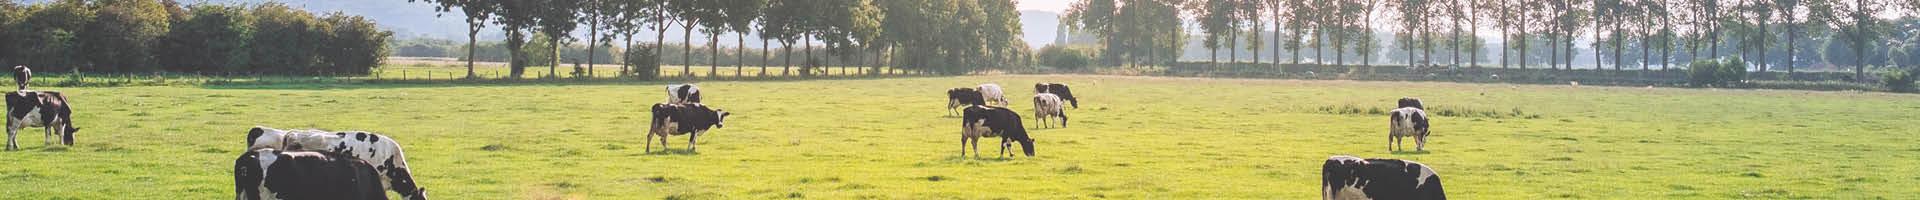 Finanzierungslösungen für Melkroboter und Milchkühe